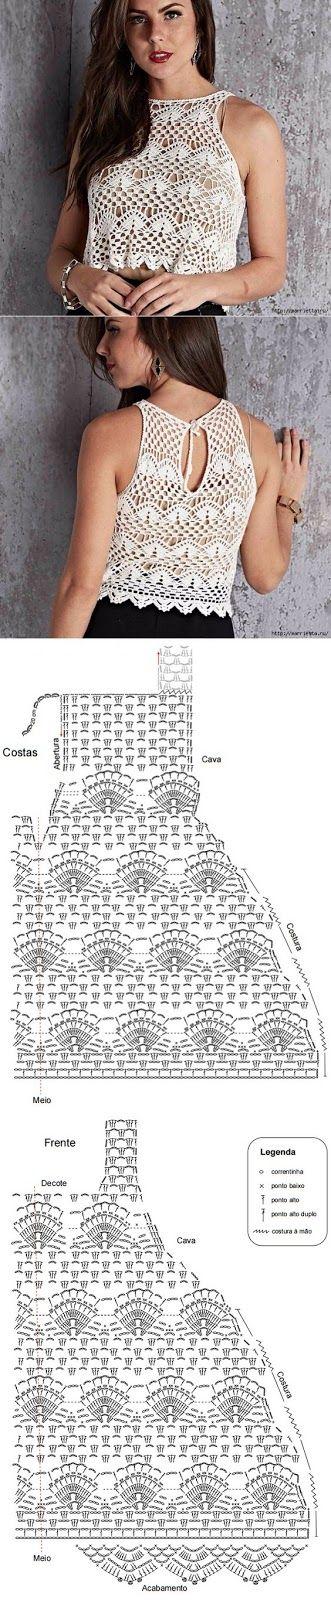 11 mejores imágenes sobre Crochet to wear en Pinterest | Patrón ...